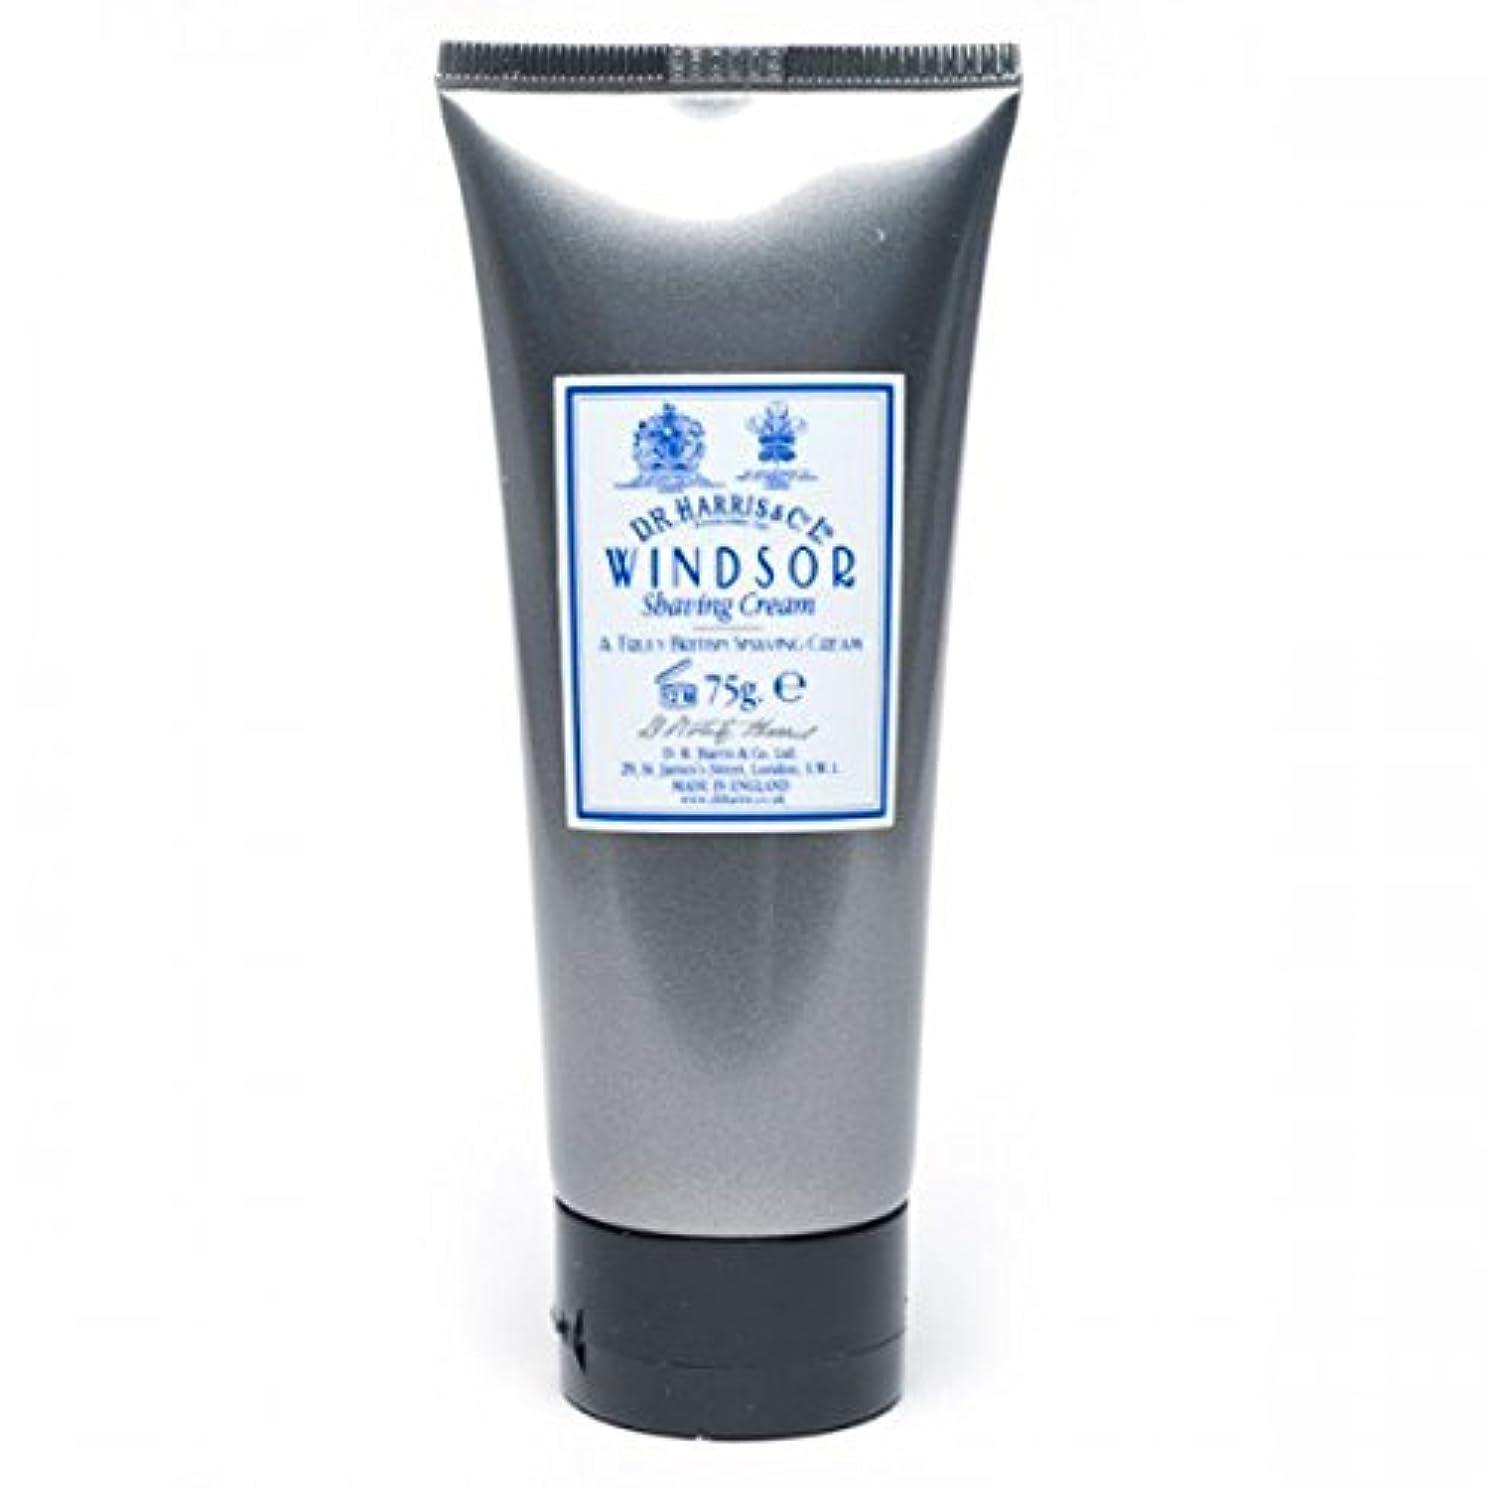 極小溶融かんたんD.R.Harris & Co Windsor Shaving Cream Tube 75g